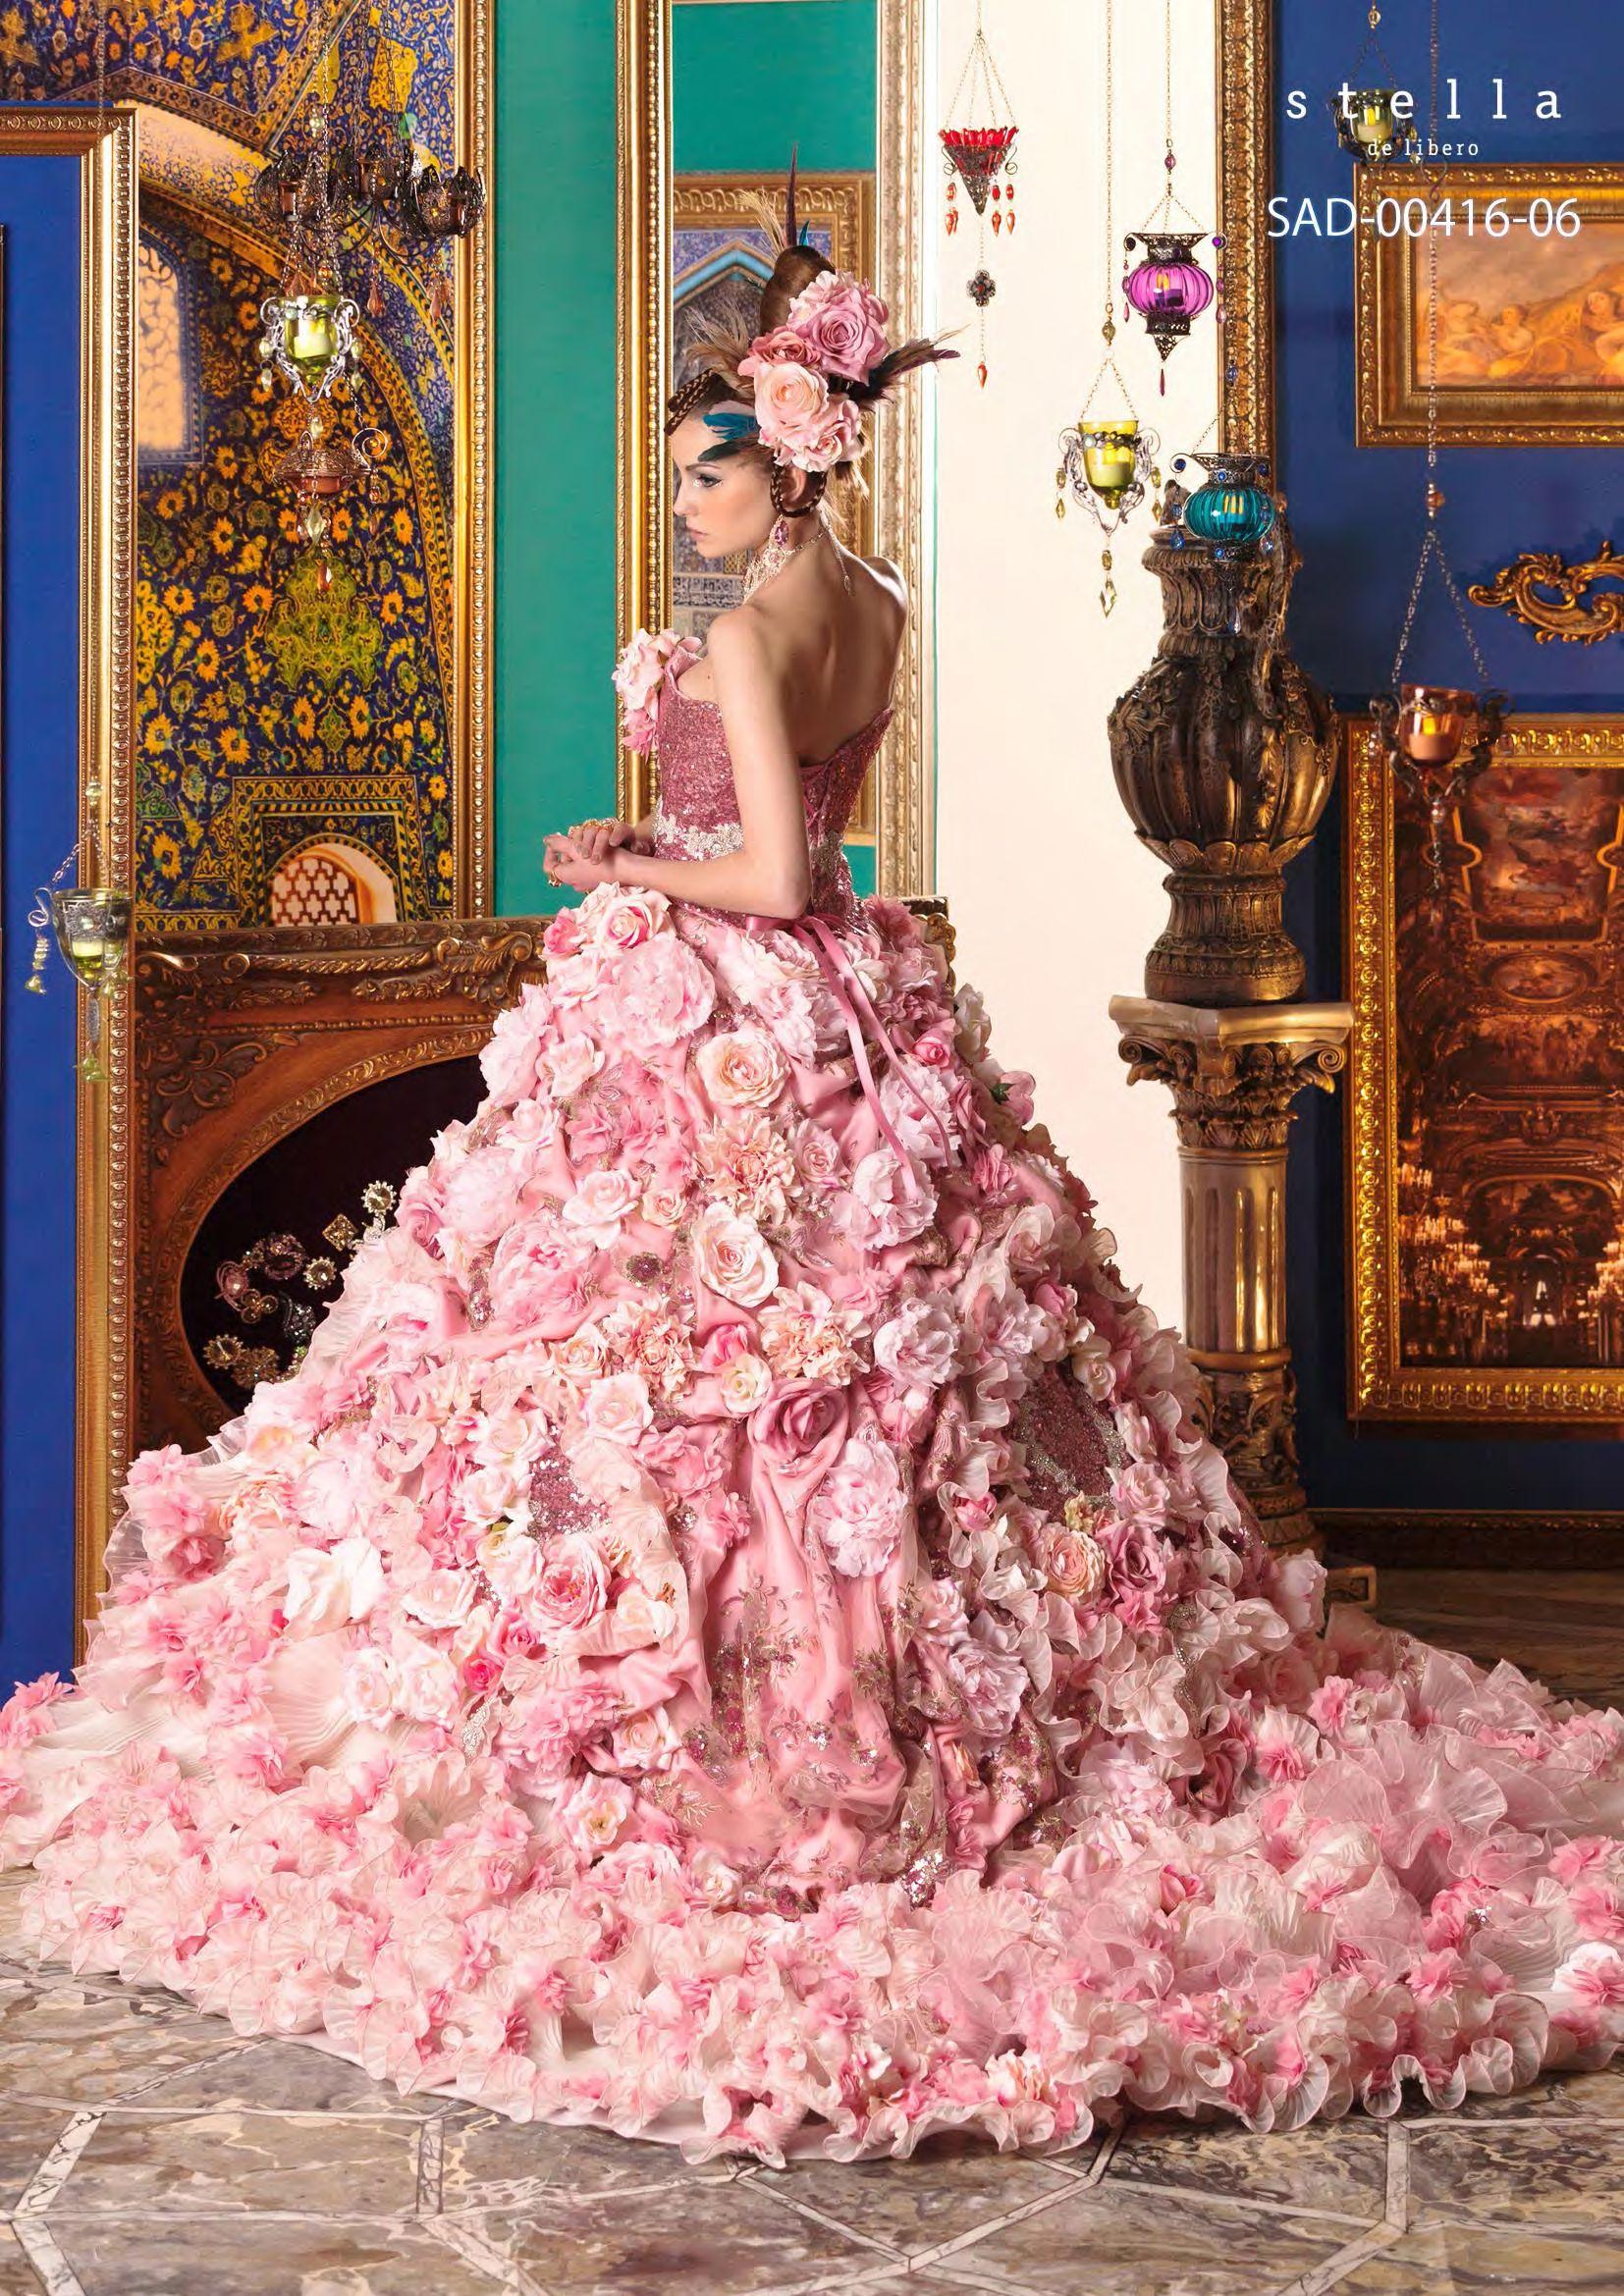 stella-de-libero/ | moda | Pinterest | Couture, Florales y Retrato